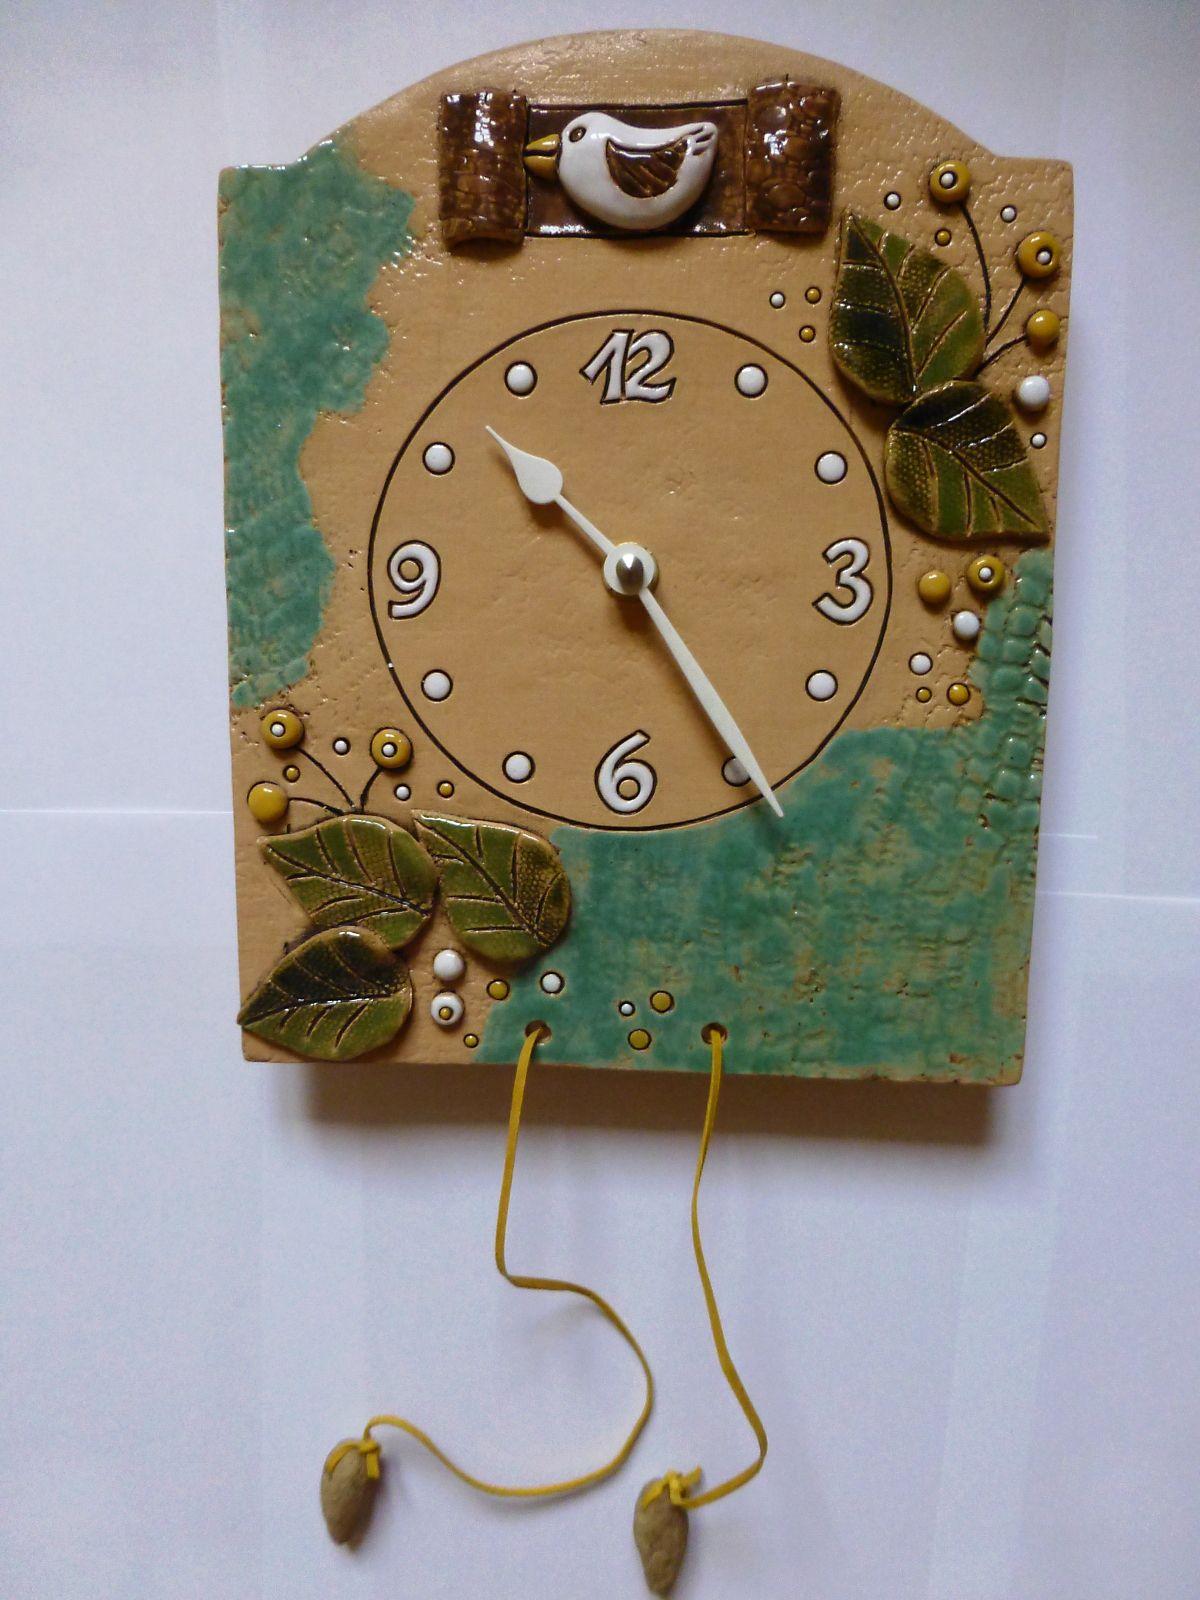 autorské hodiny Nástěnné hodiny keramické s kukačkou, hodiny na zeď keramické hodiny kukačky 2